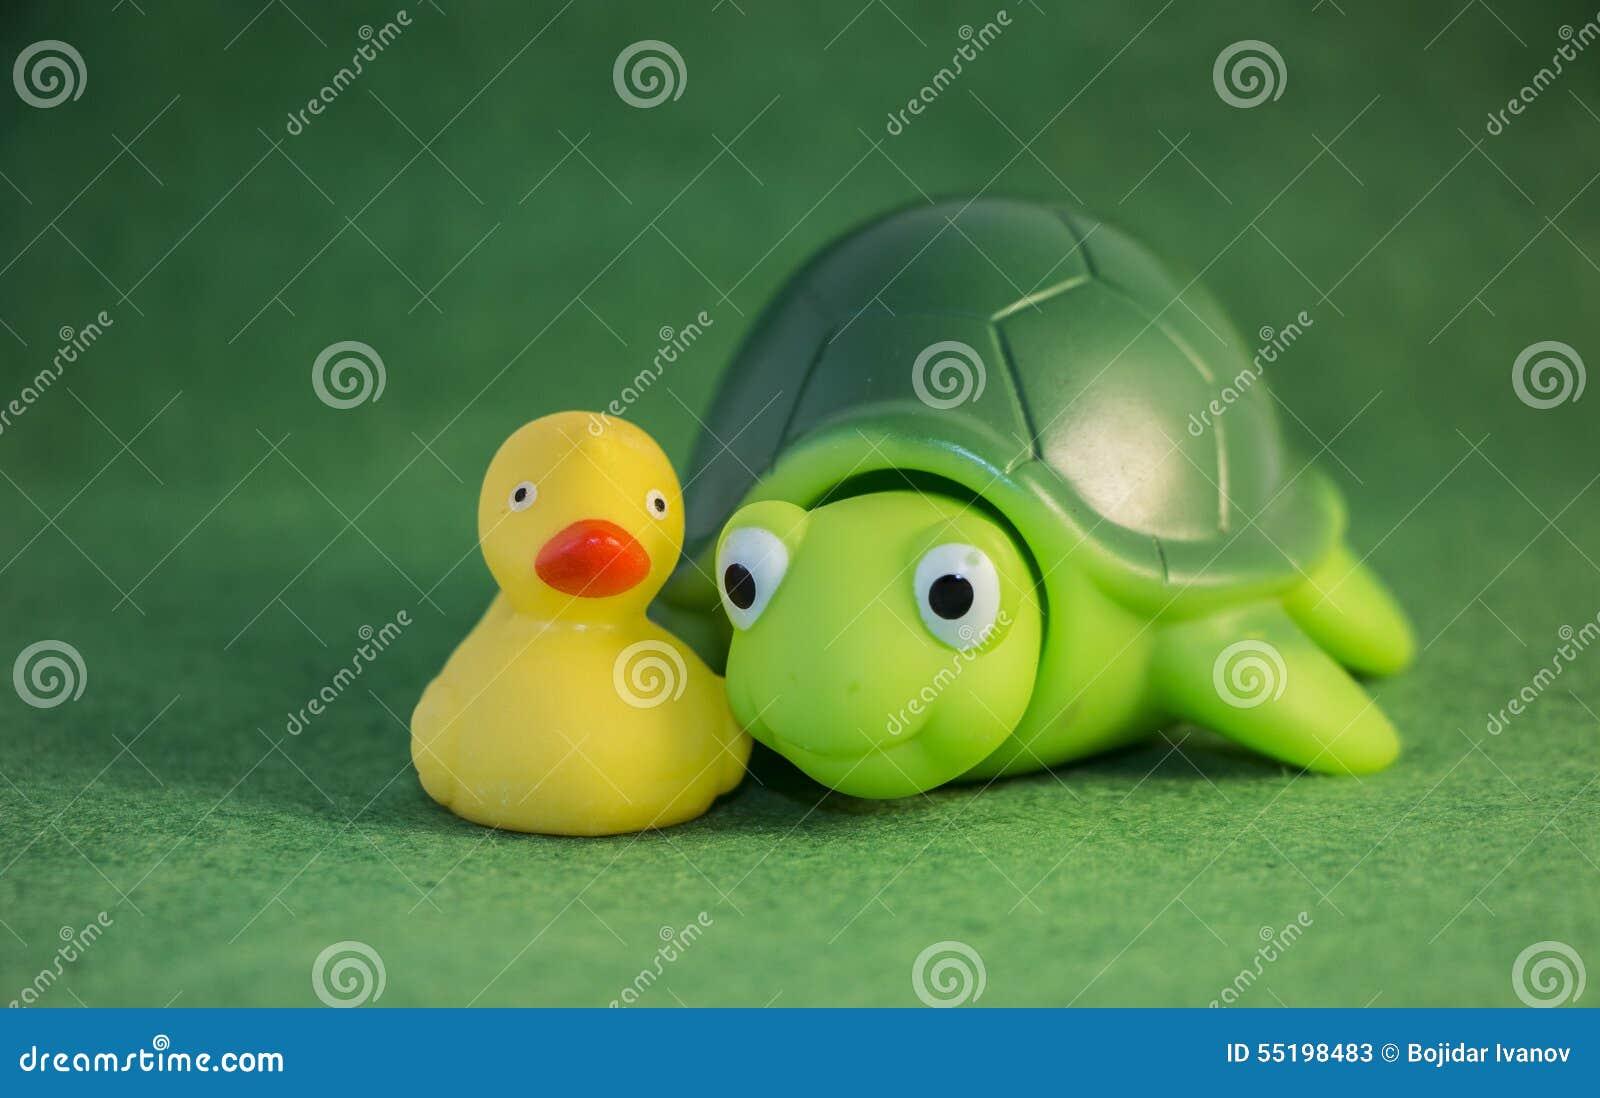 黄色摆在作为最好的朋友的鸭子和绿色橡胶乌龟婴孩玩具.图片